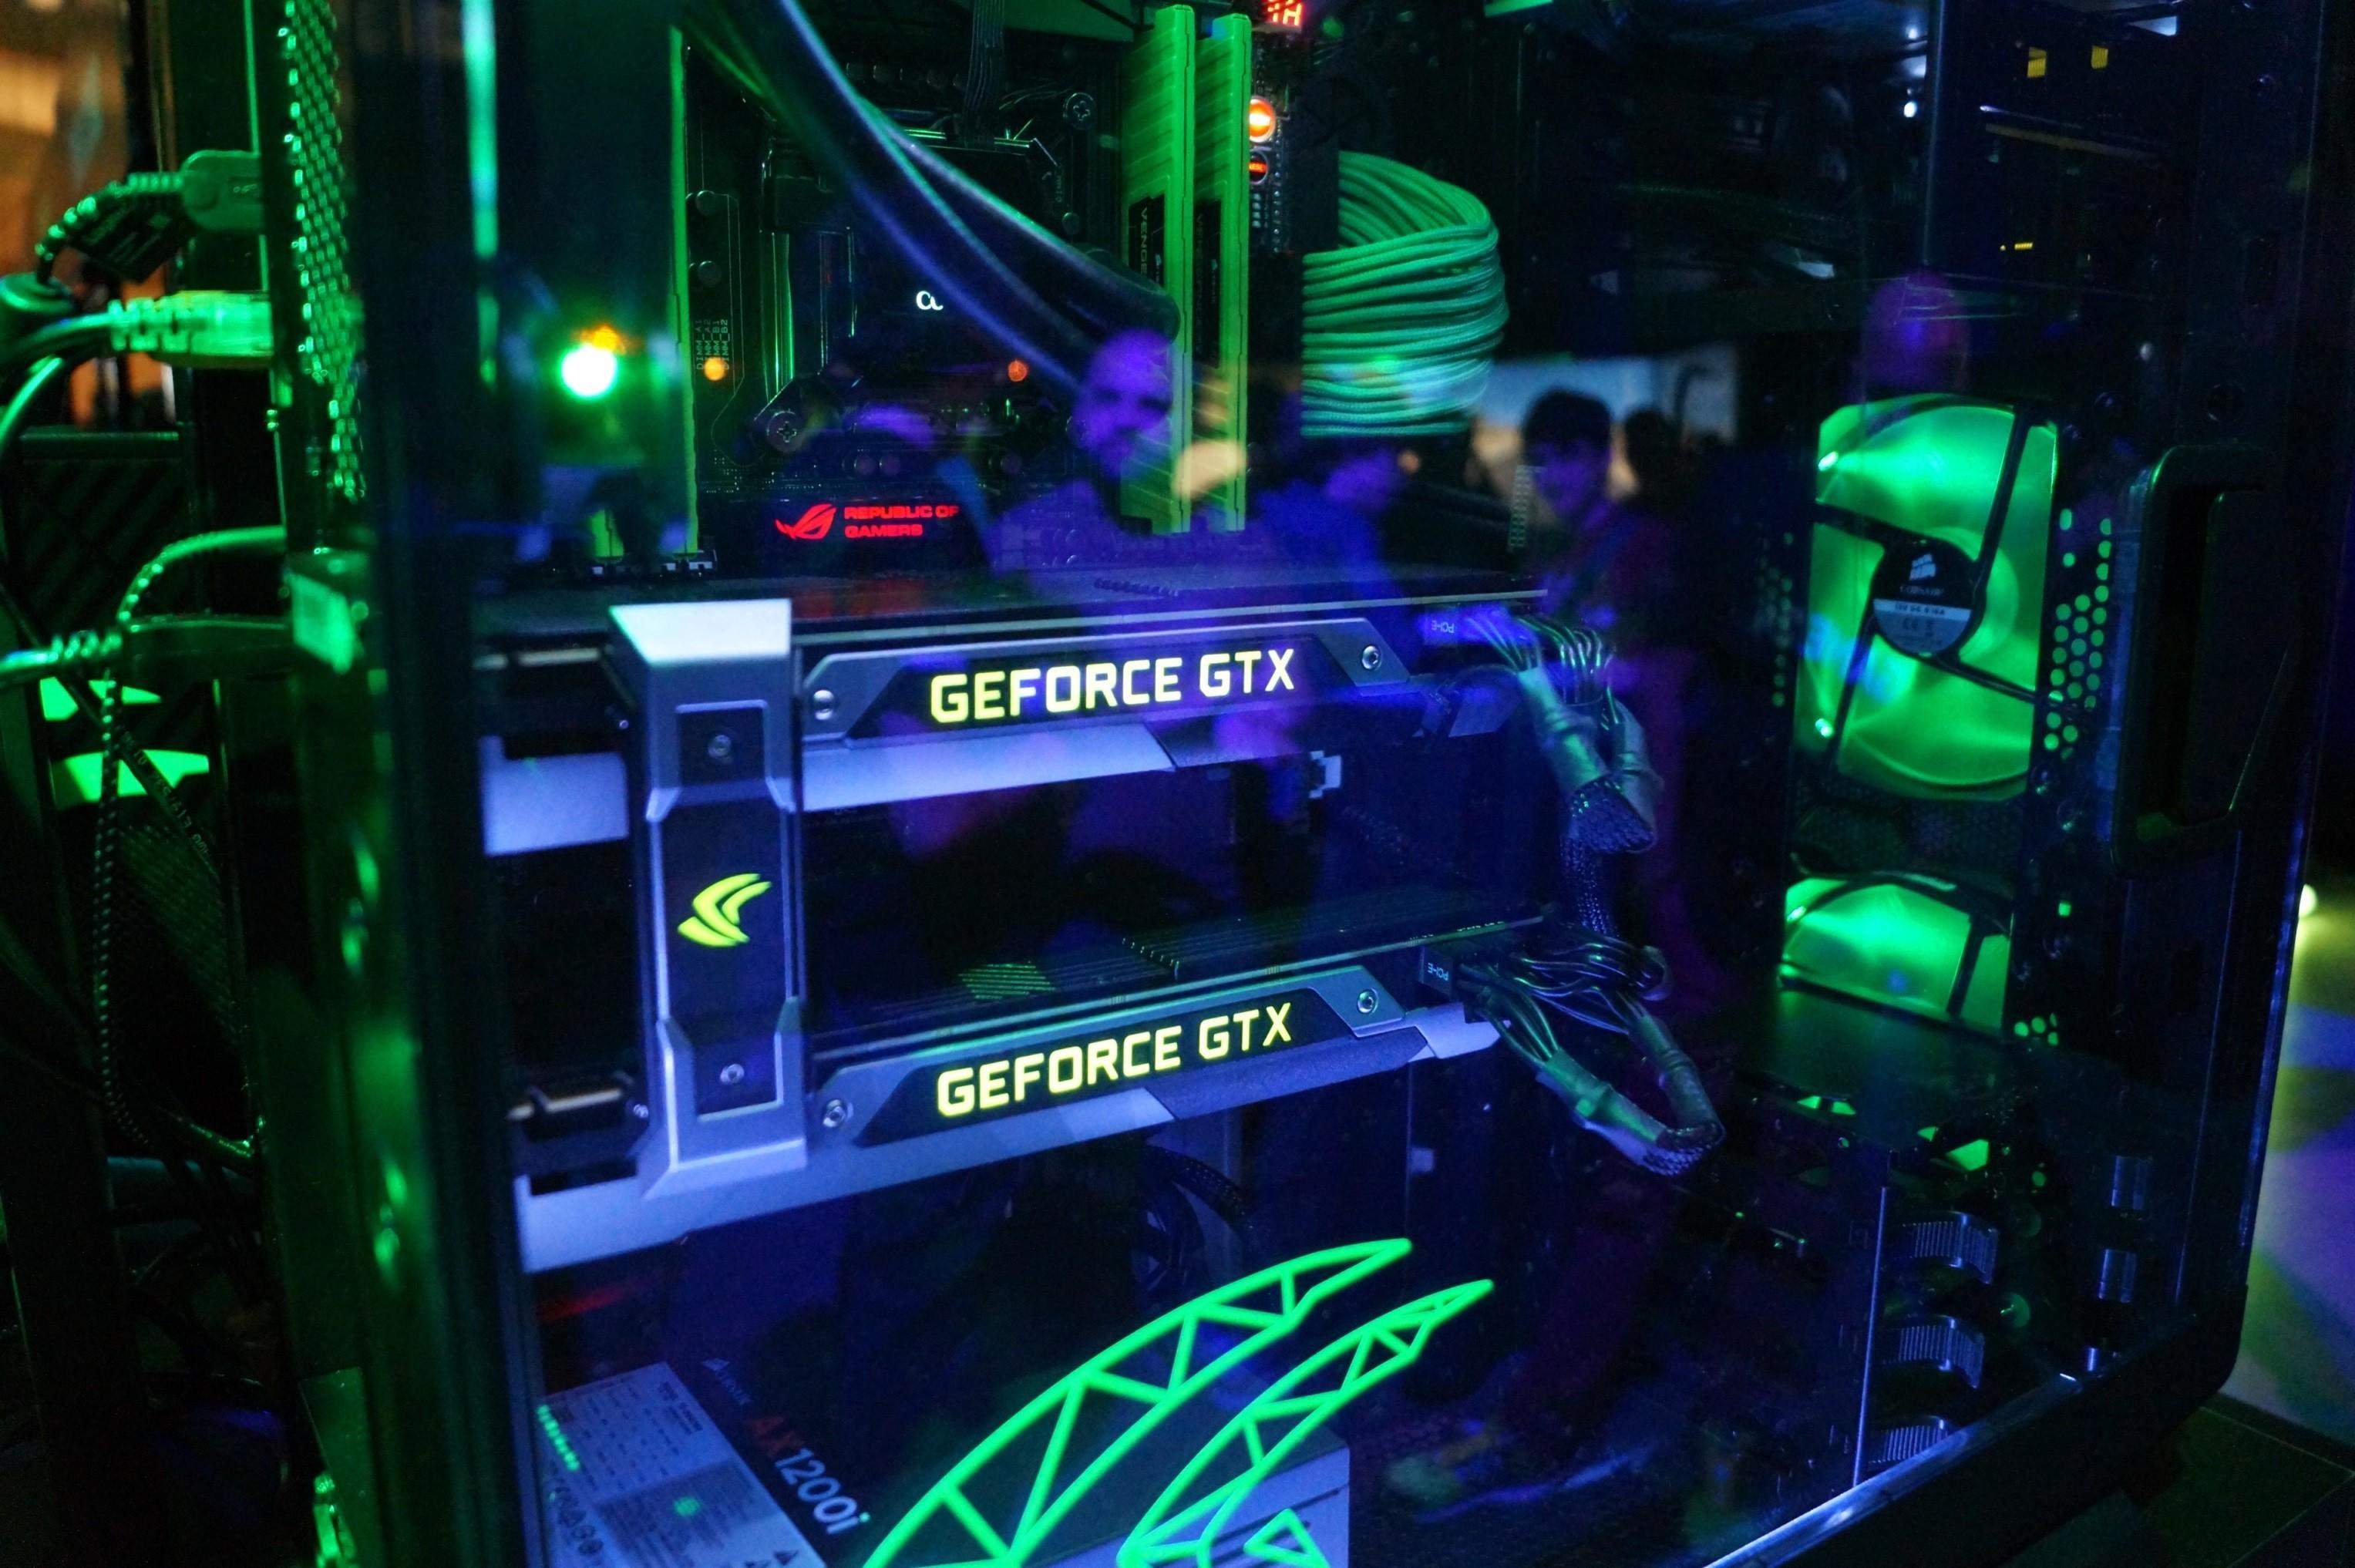 Nvidia announces GTX 970 and GTX 980 graphics cards .